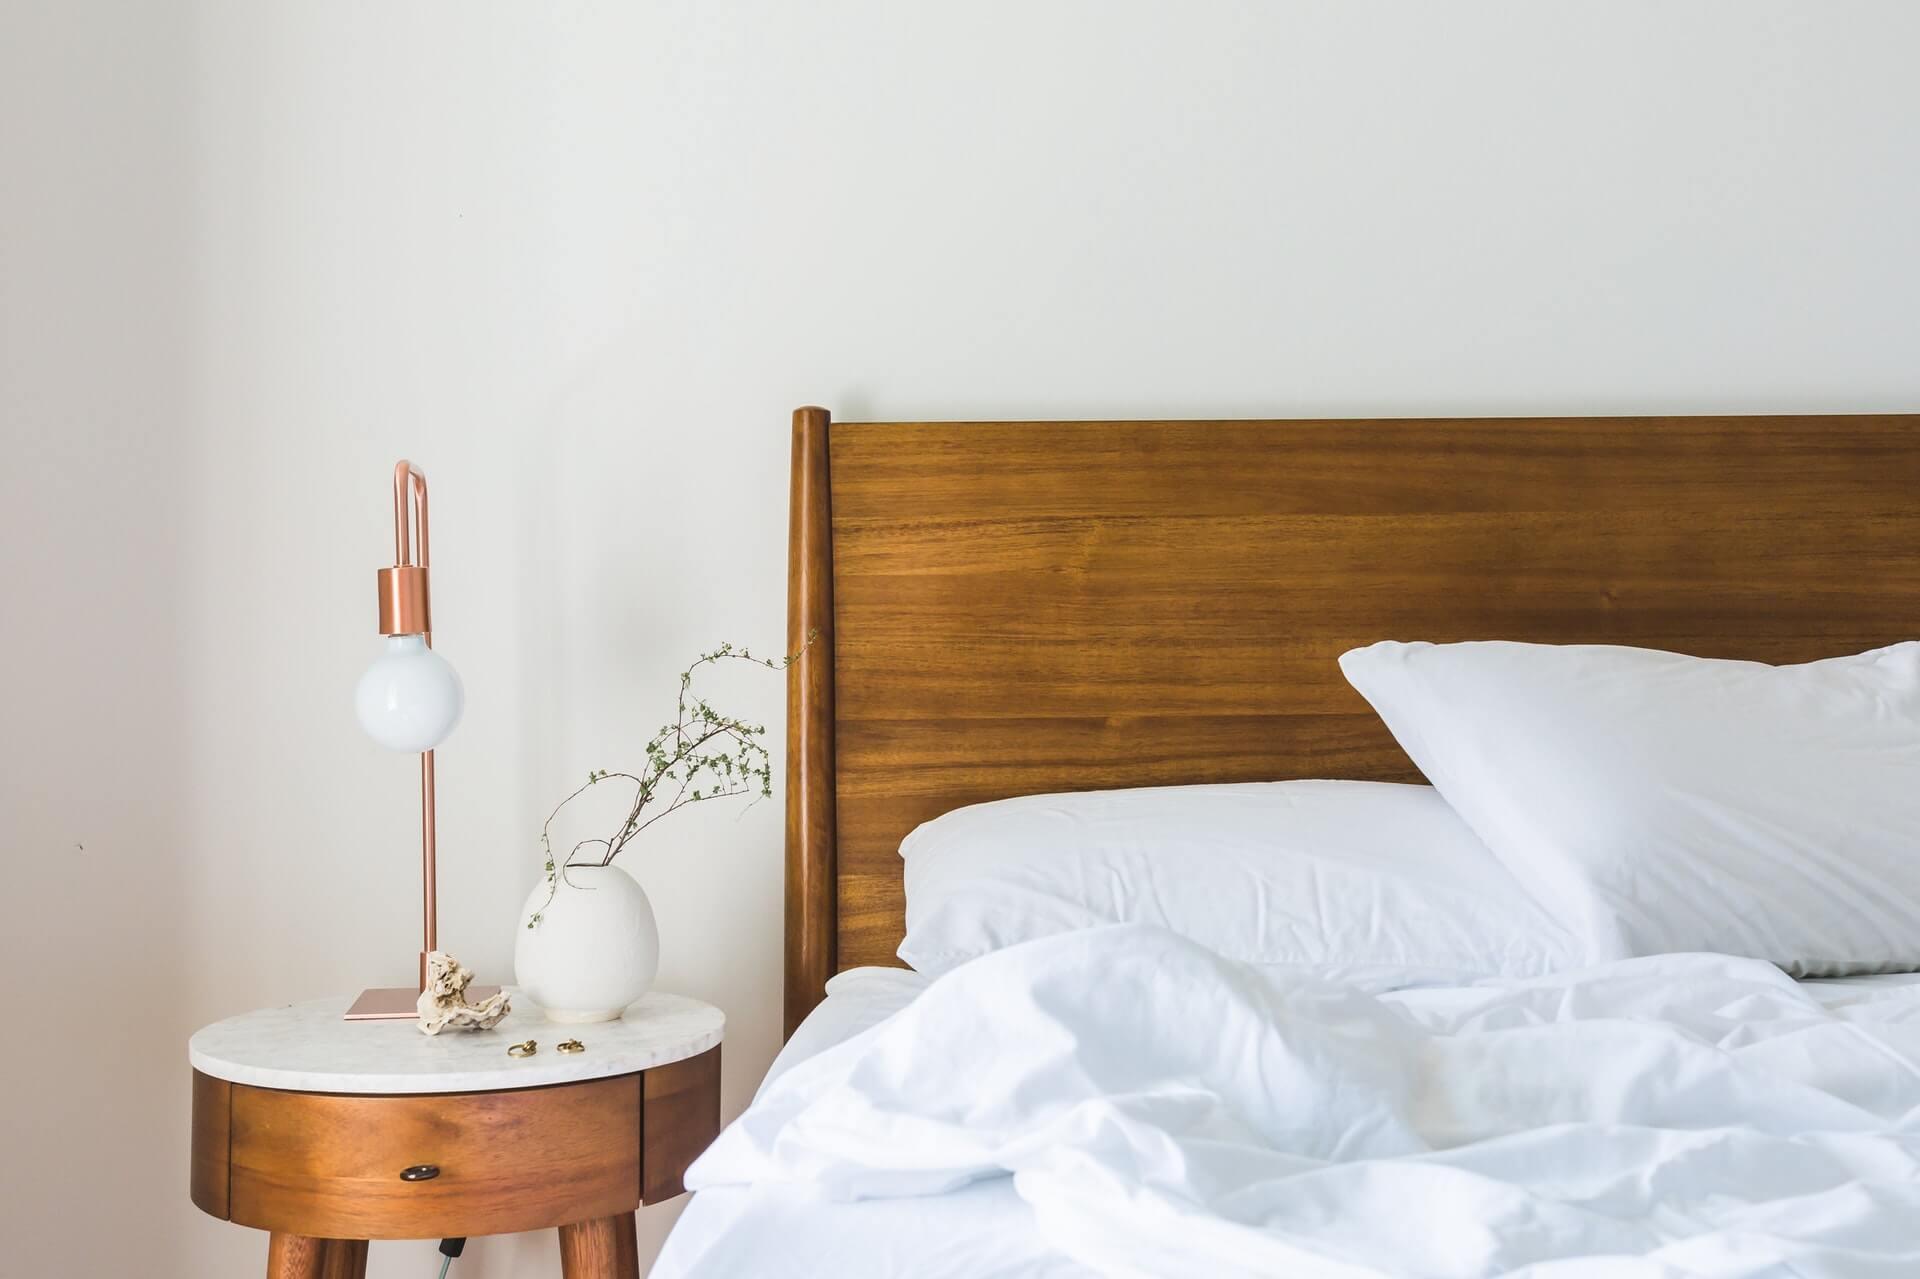 Diseño y confort en tu dormitorio